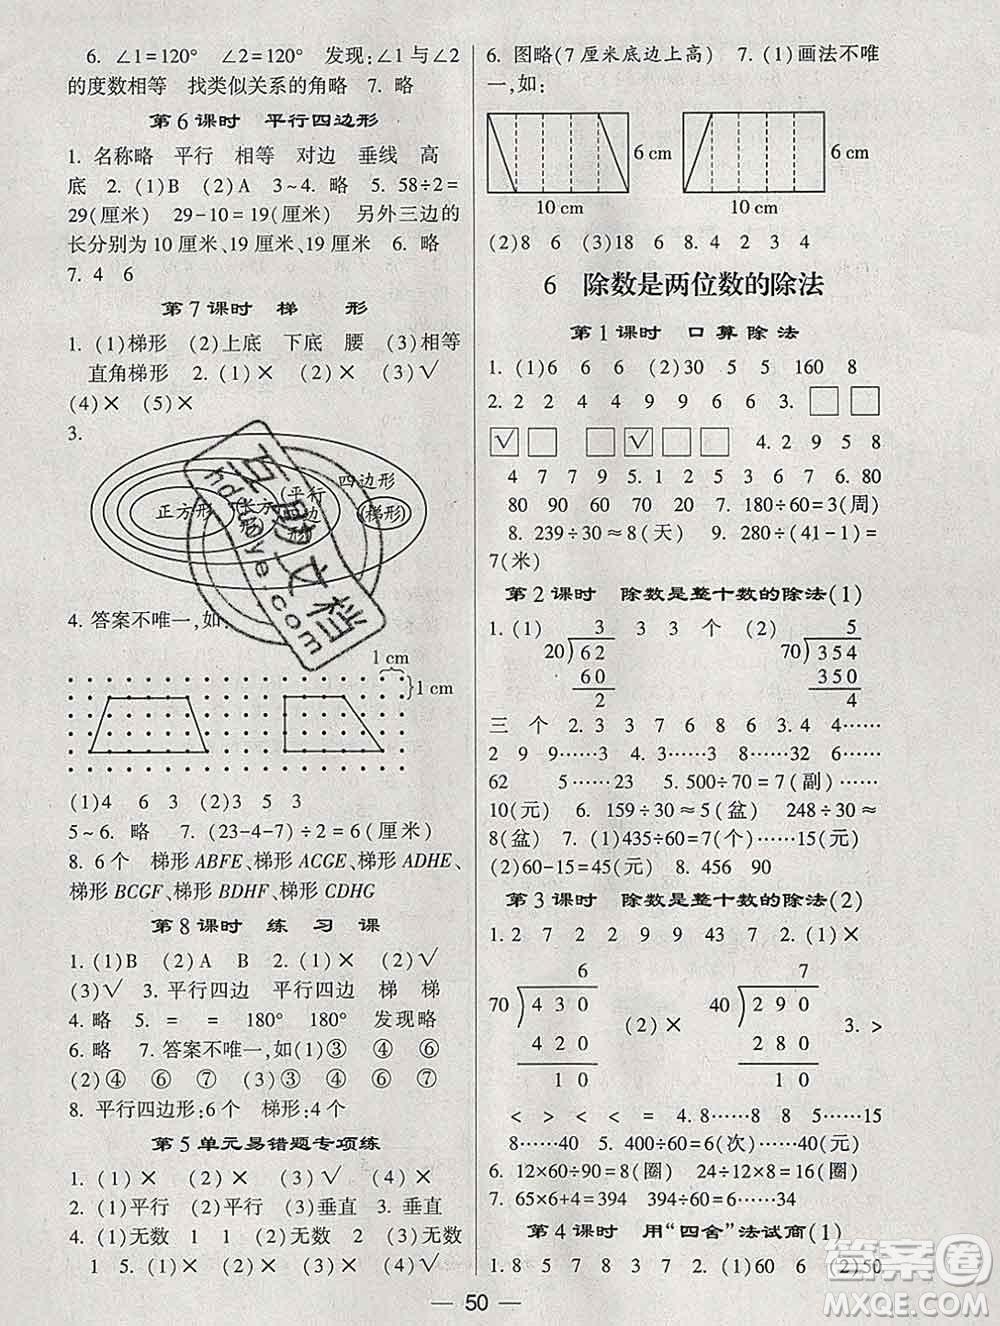 河海大学出版社2019新版经纶学典棒棒堂四年级数学上册人教版浙江专版答案